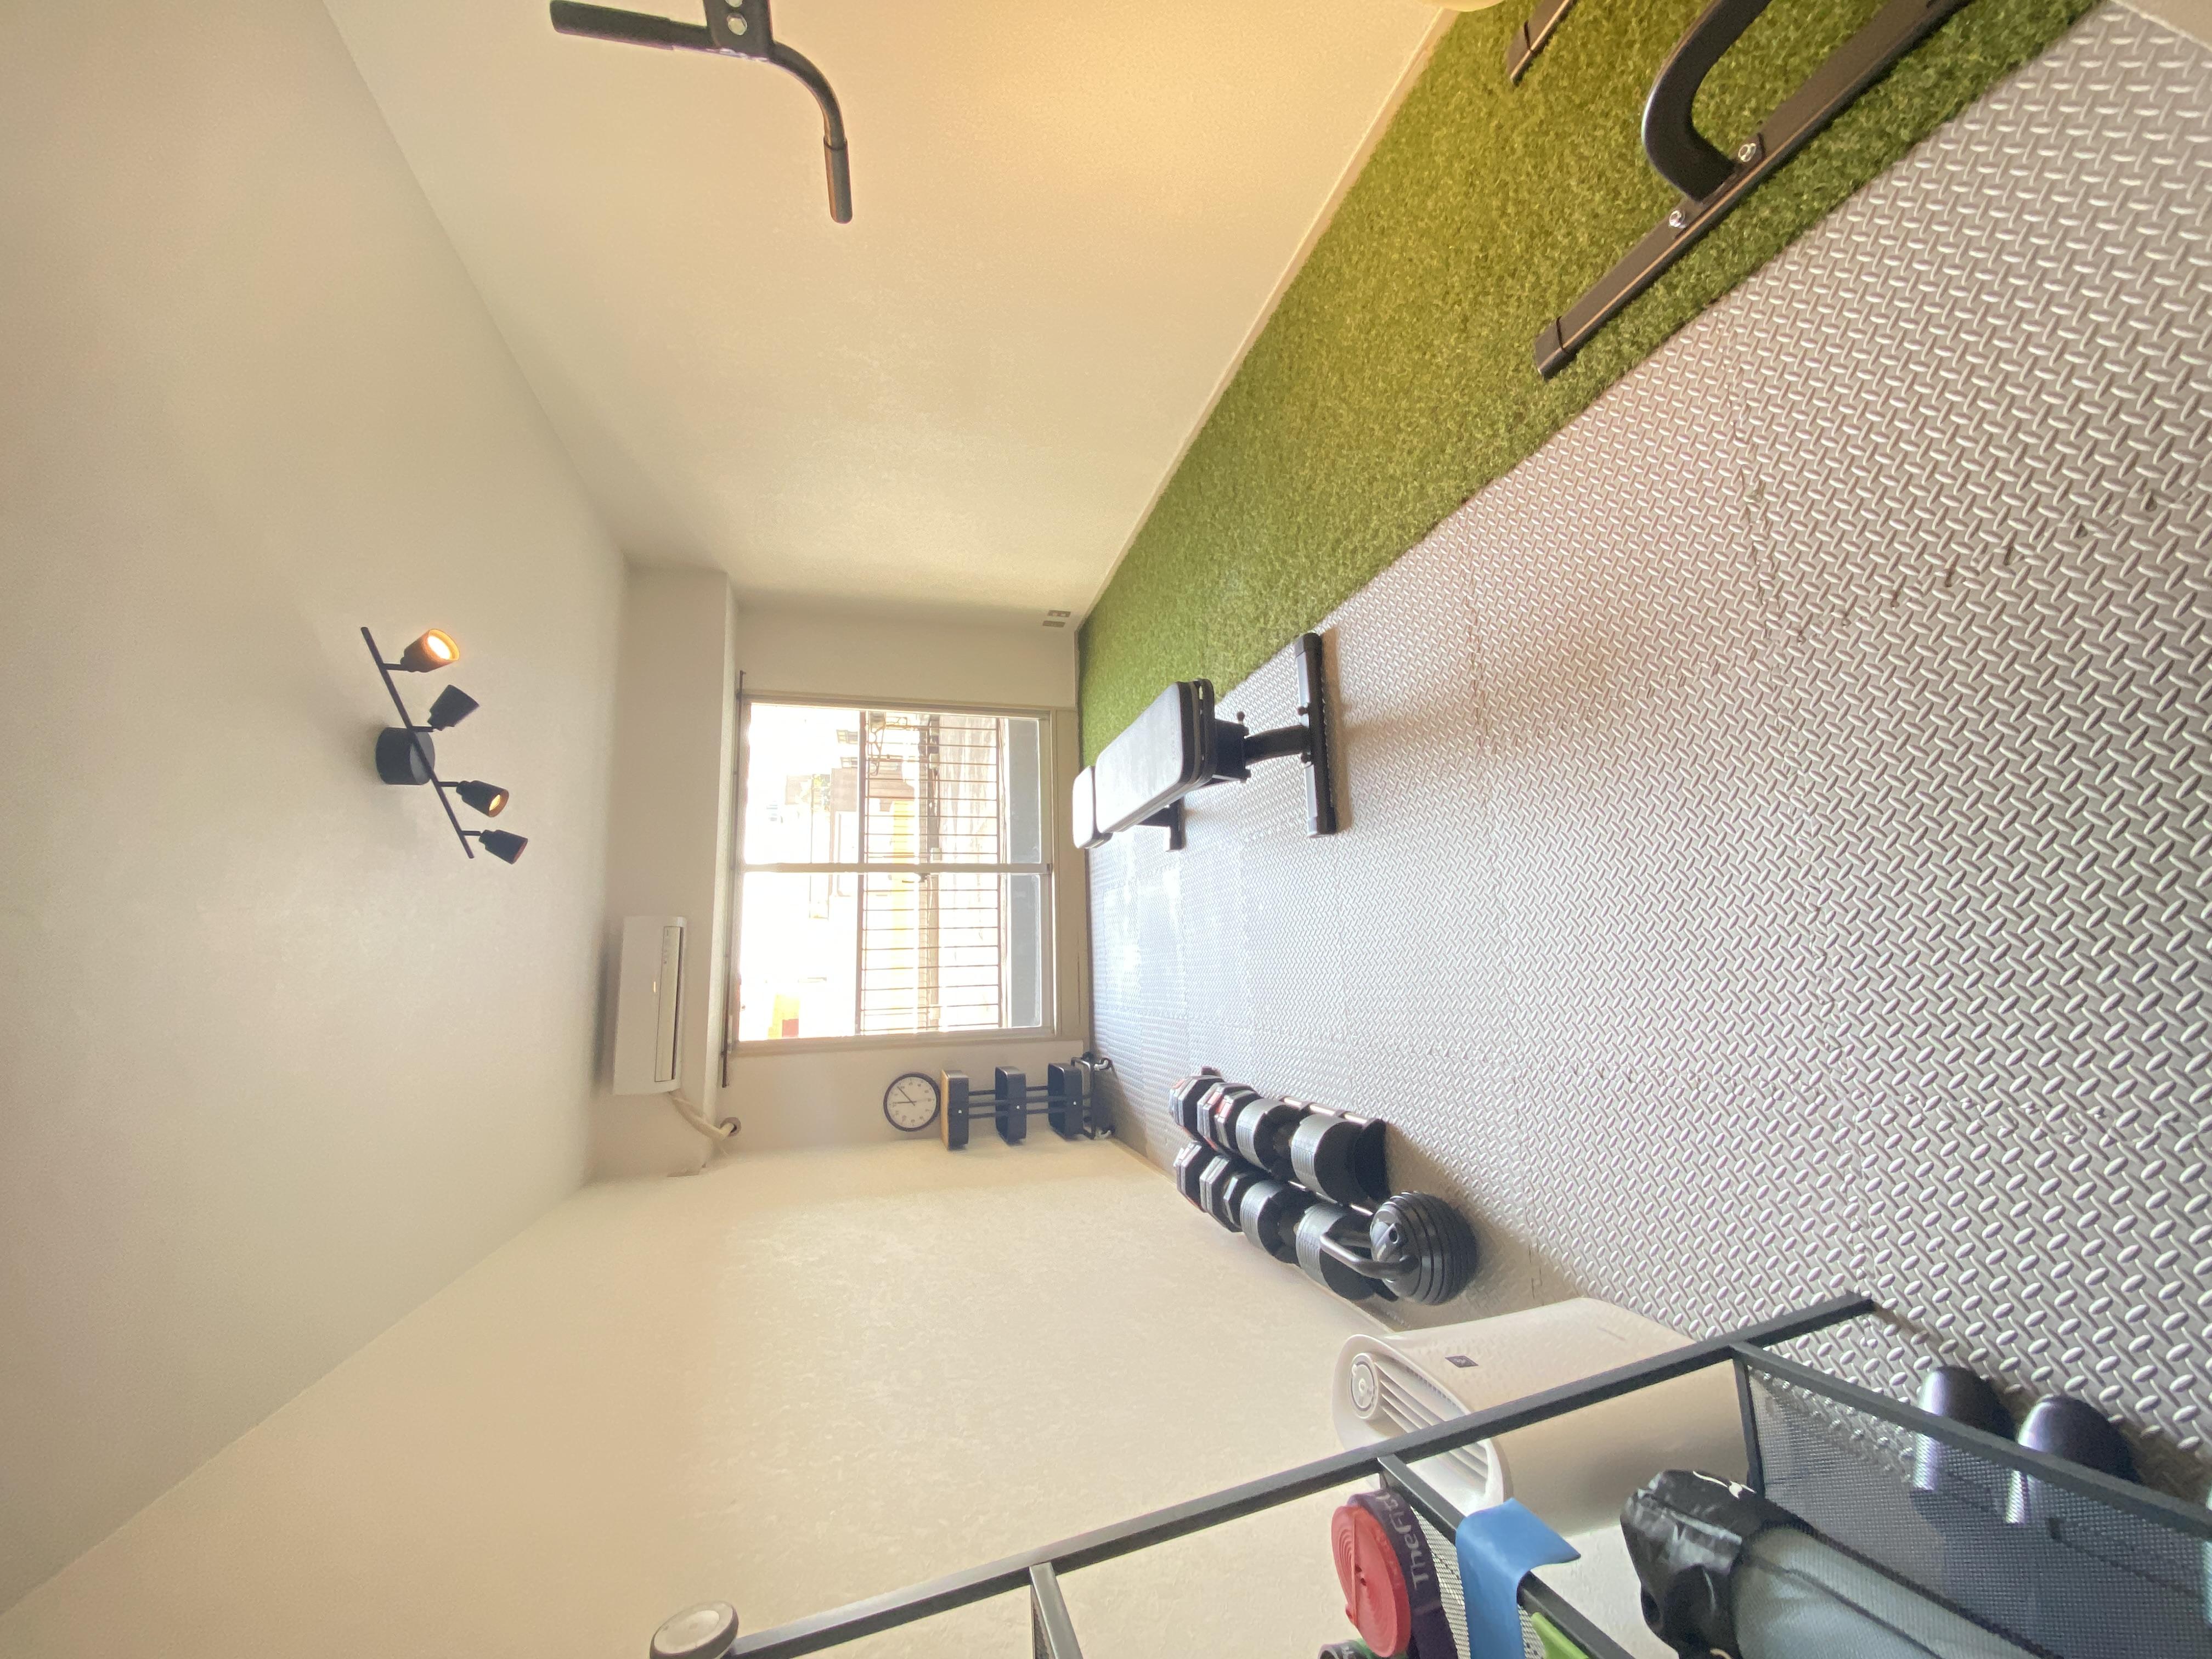 窓が大きくて明るいスペースです♫ - レンタルジムY3池尻大橋の室内の写真